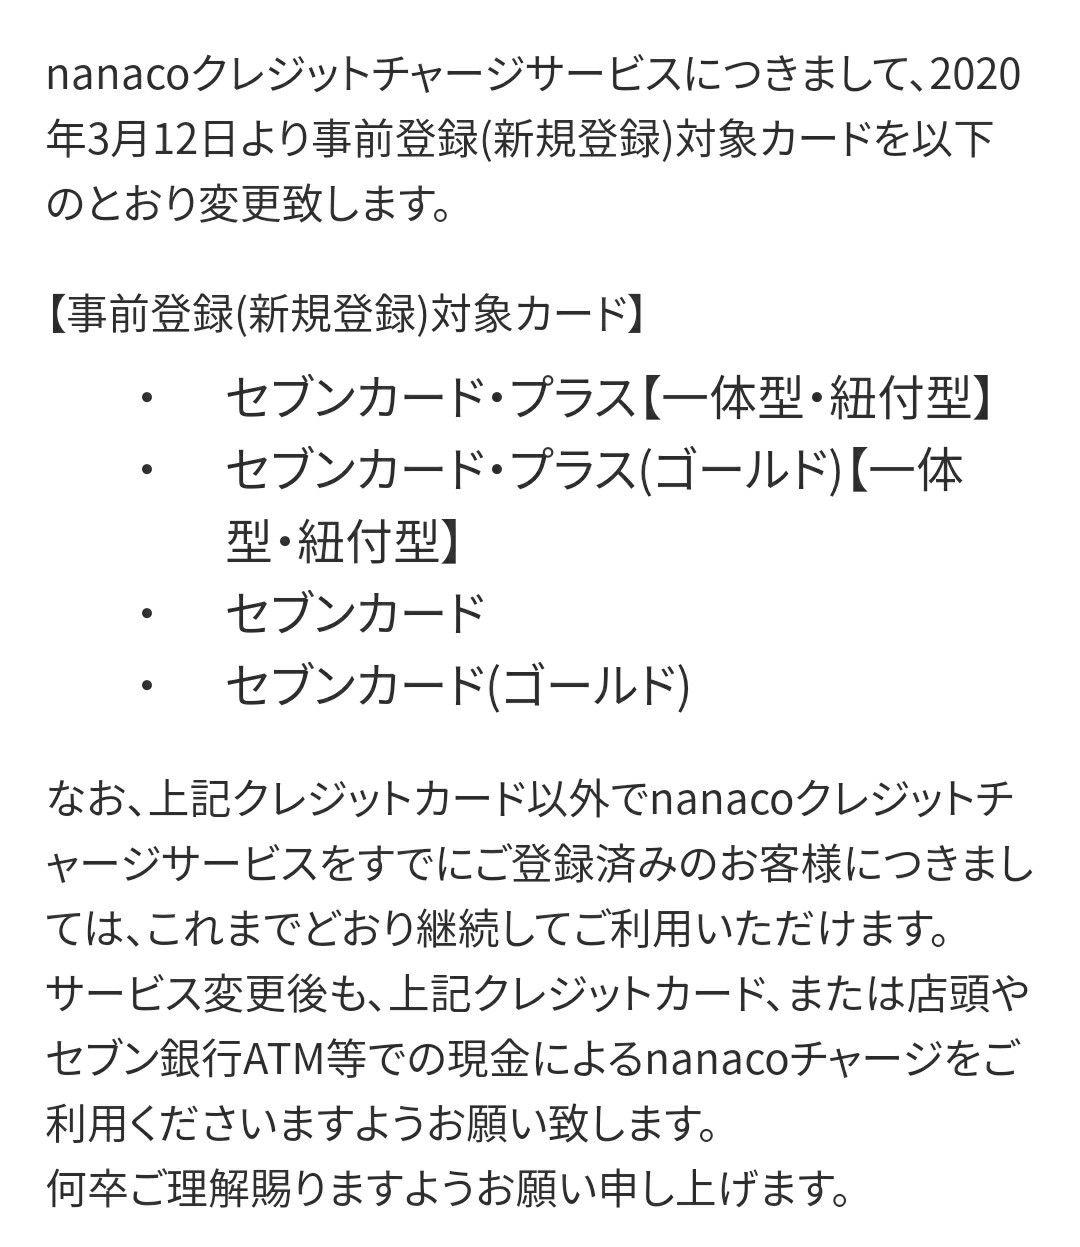 チャージ nanaco クレジット